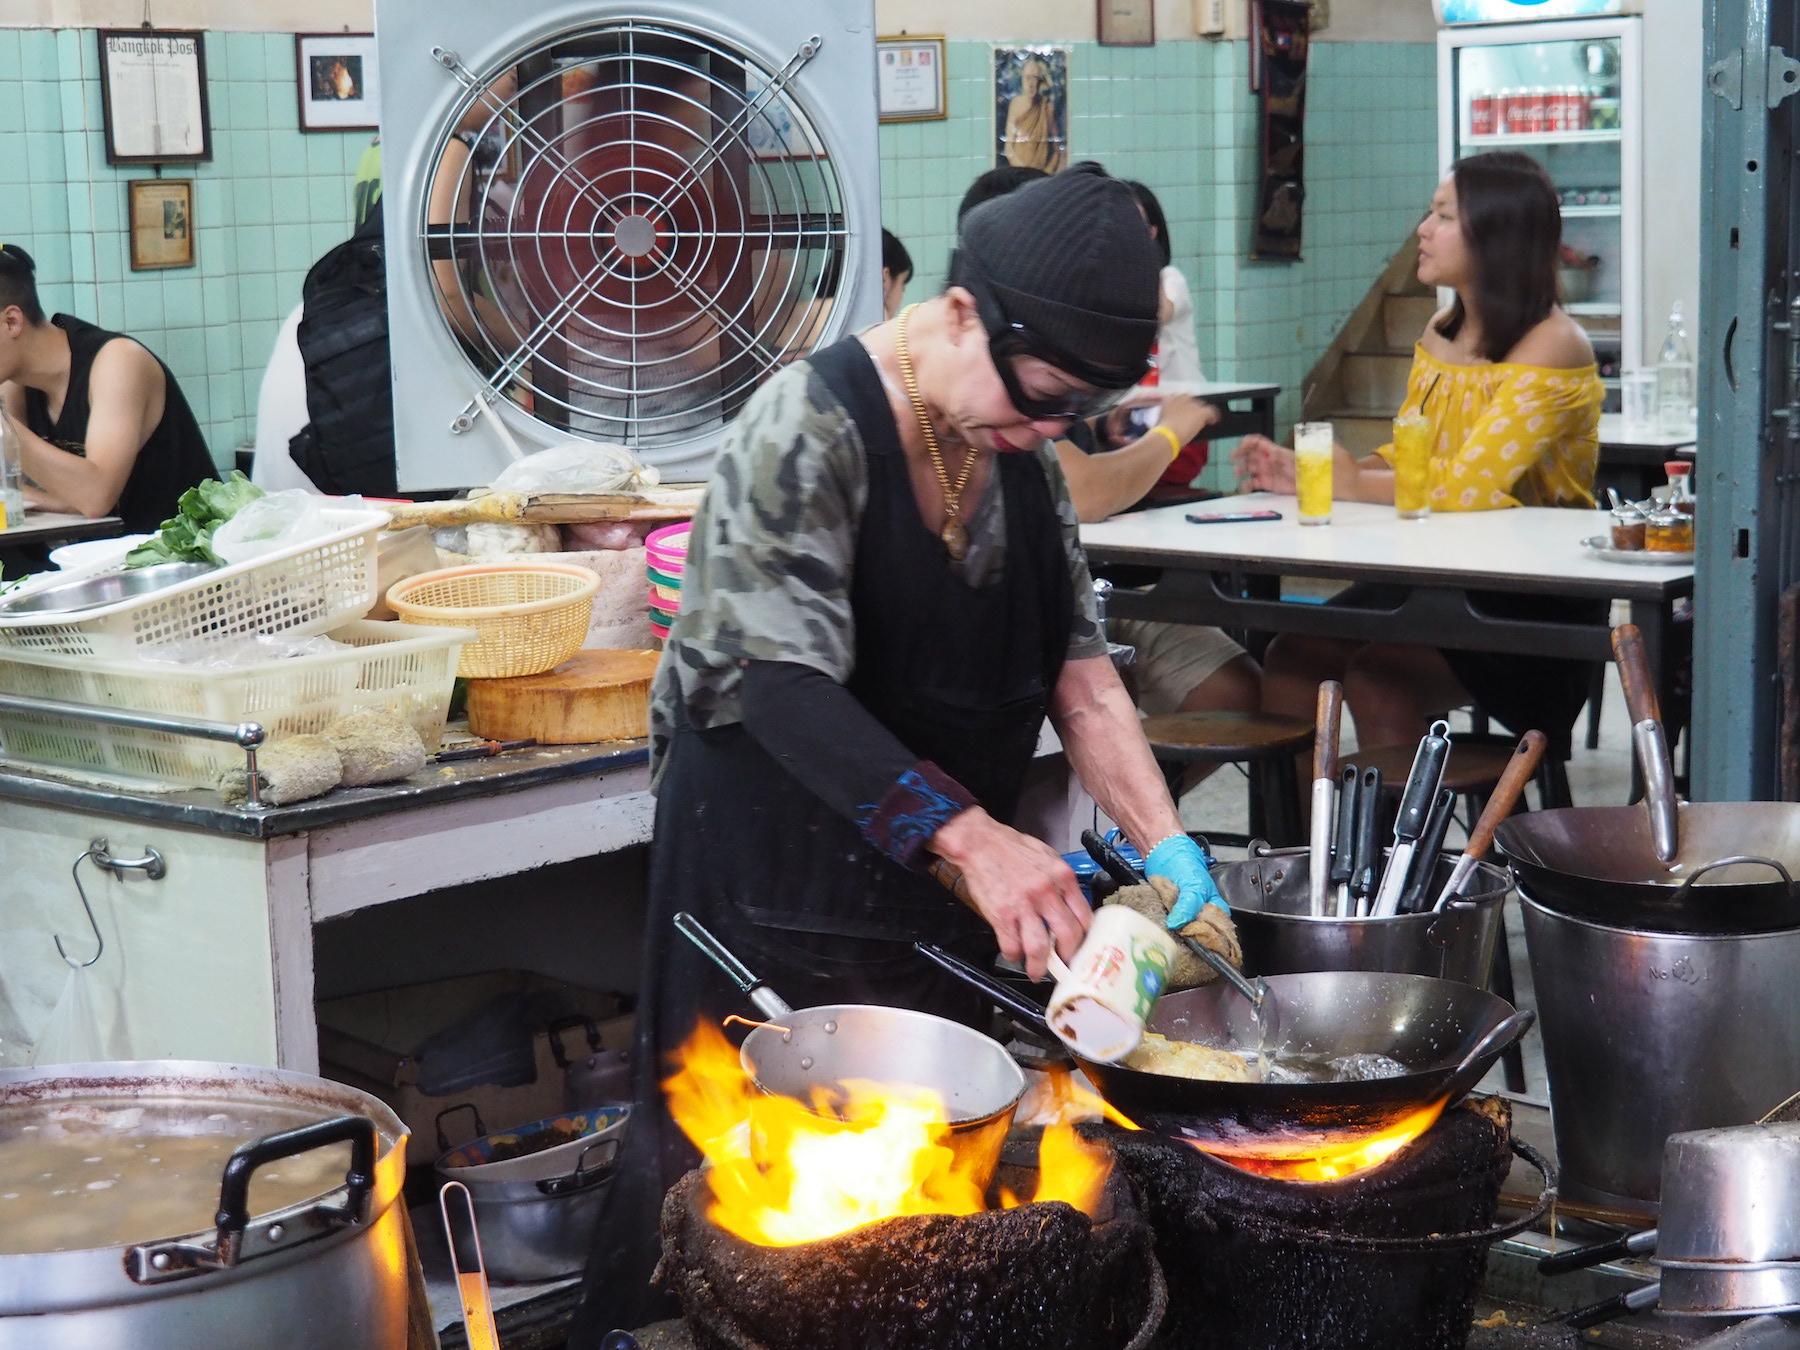 名物はジェイファイおばさんが作るカニオムレツ! ミシュラン星付きローカル食堂「ジェイ・ファイ」